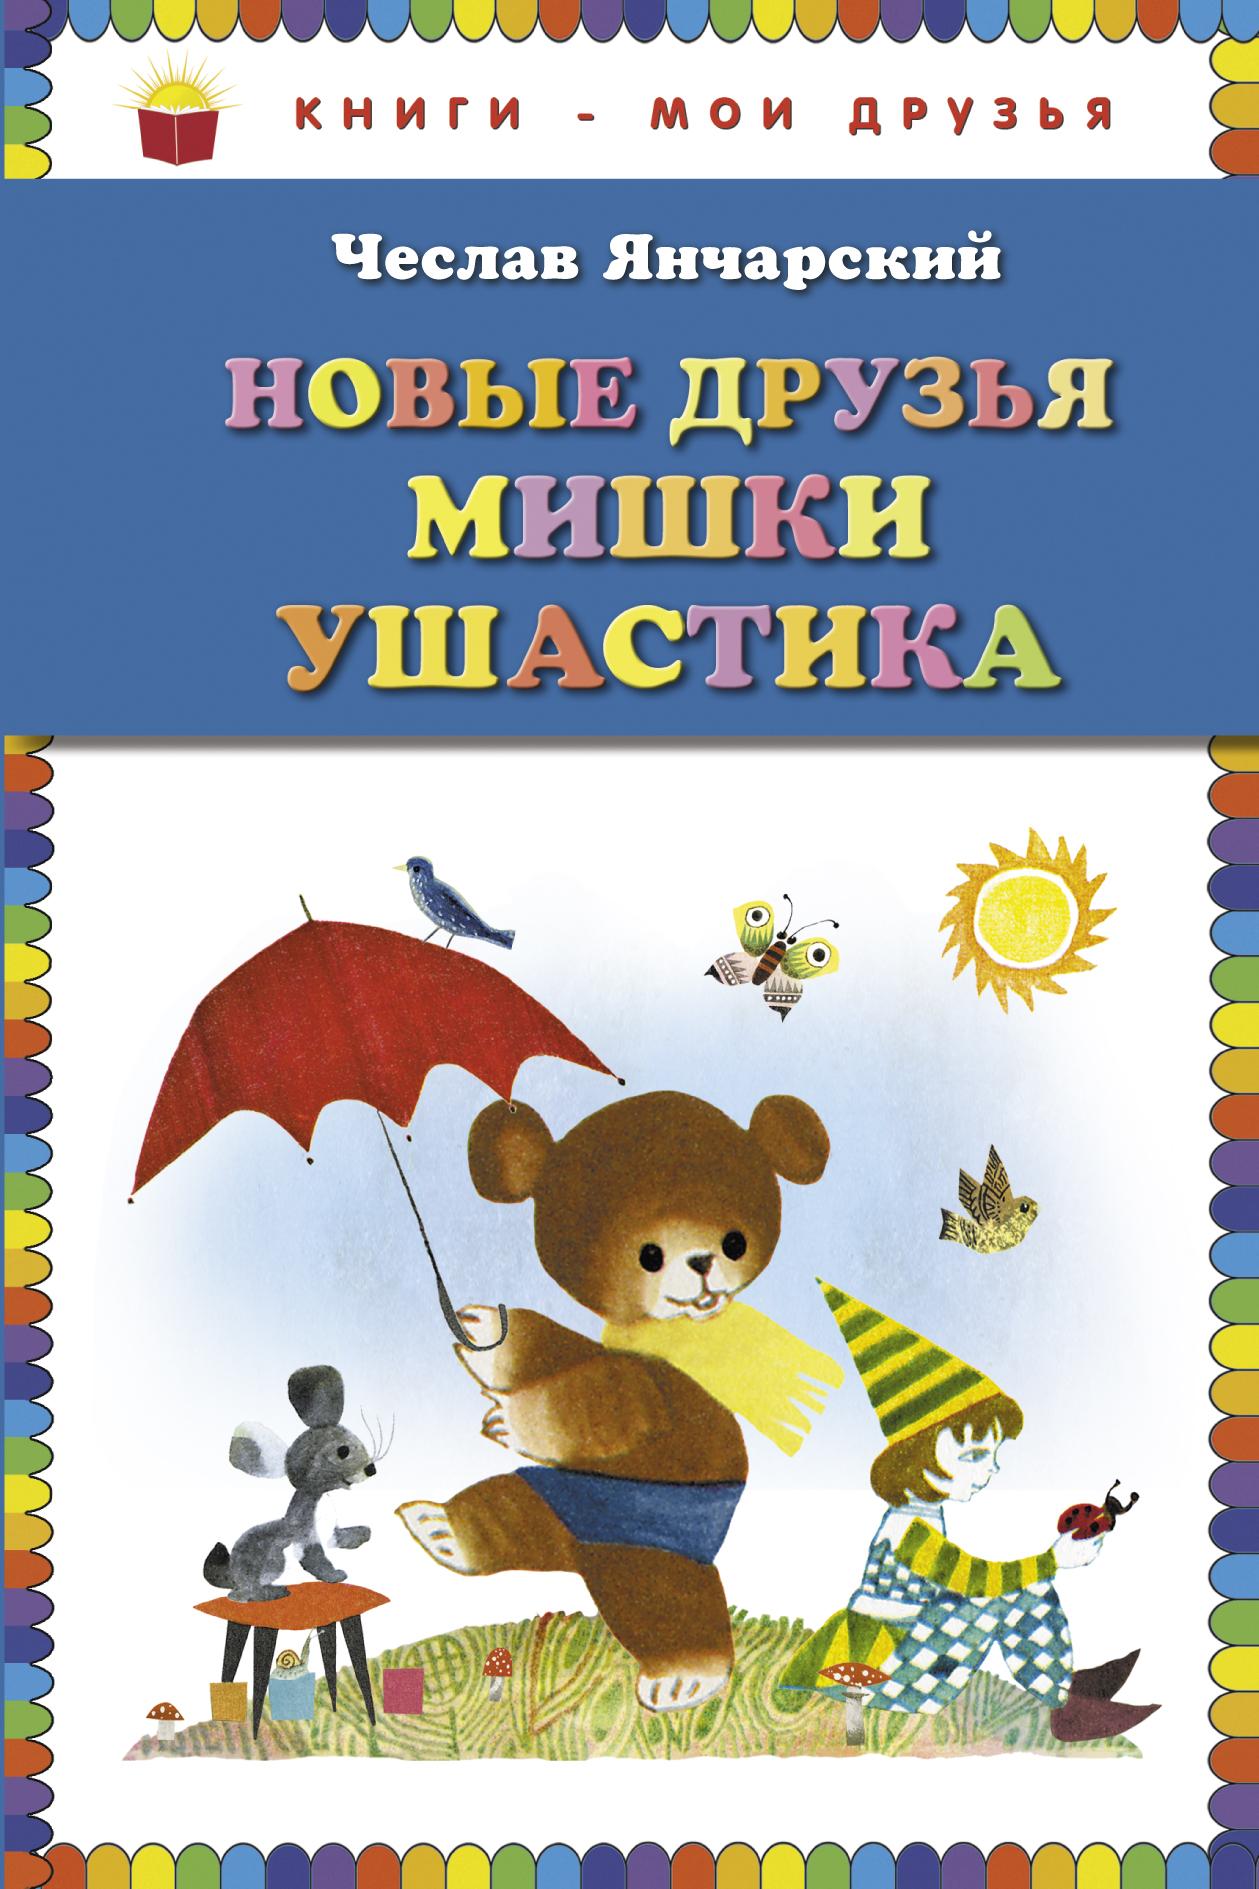 Новые друзья Мишки Ушастика (пер. С. Свяцкого) (ст.кор)